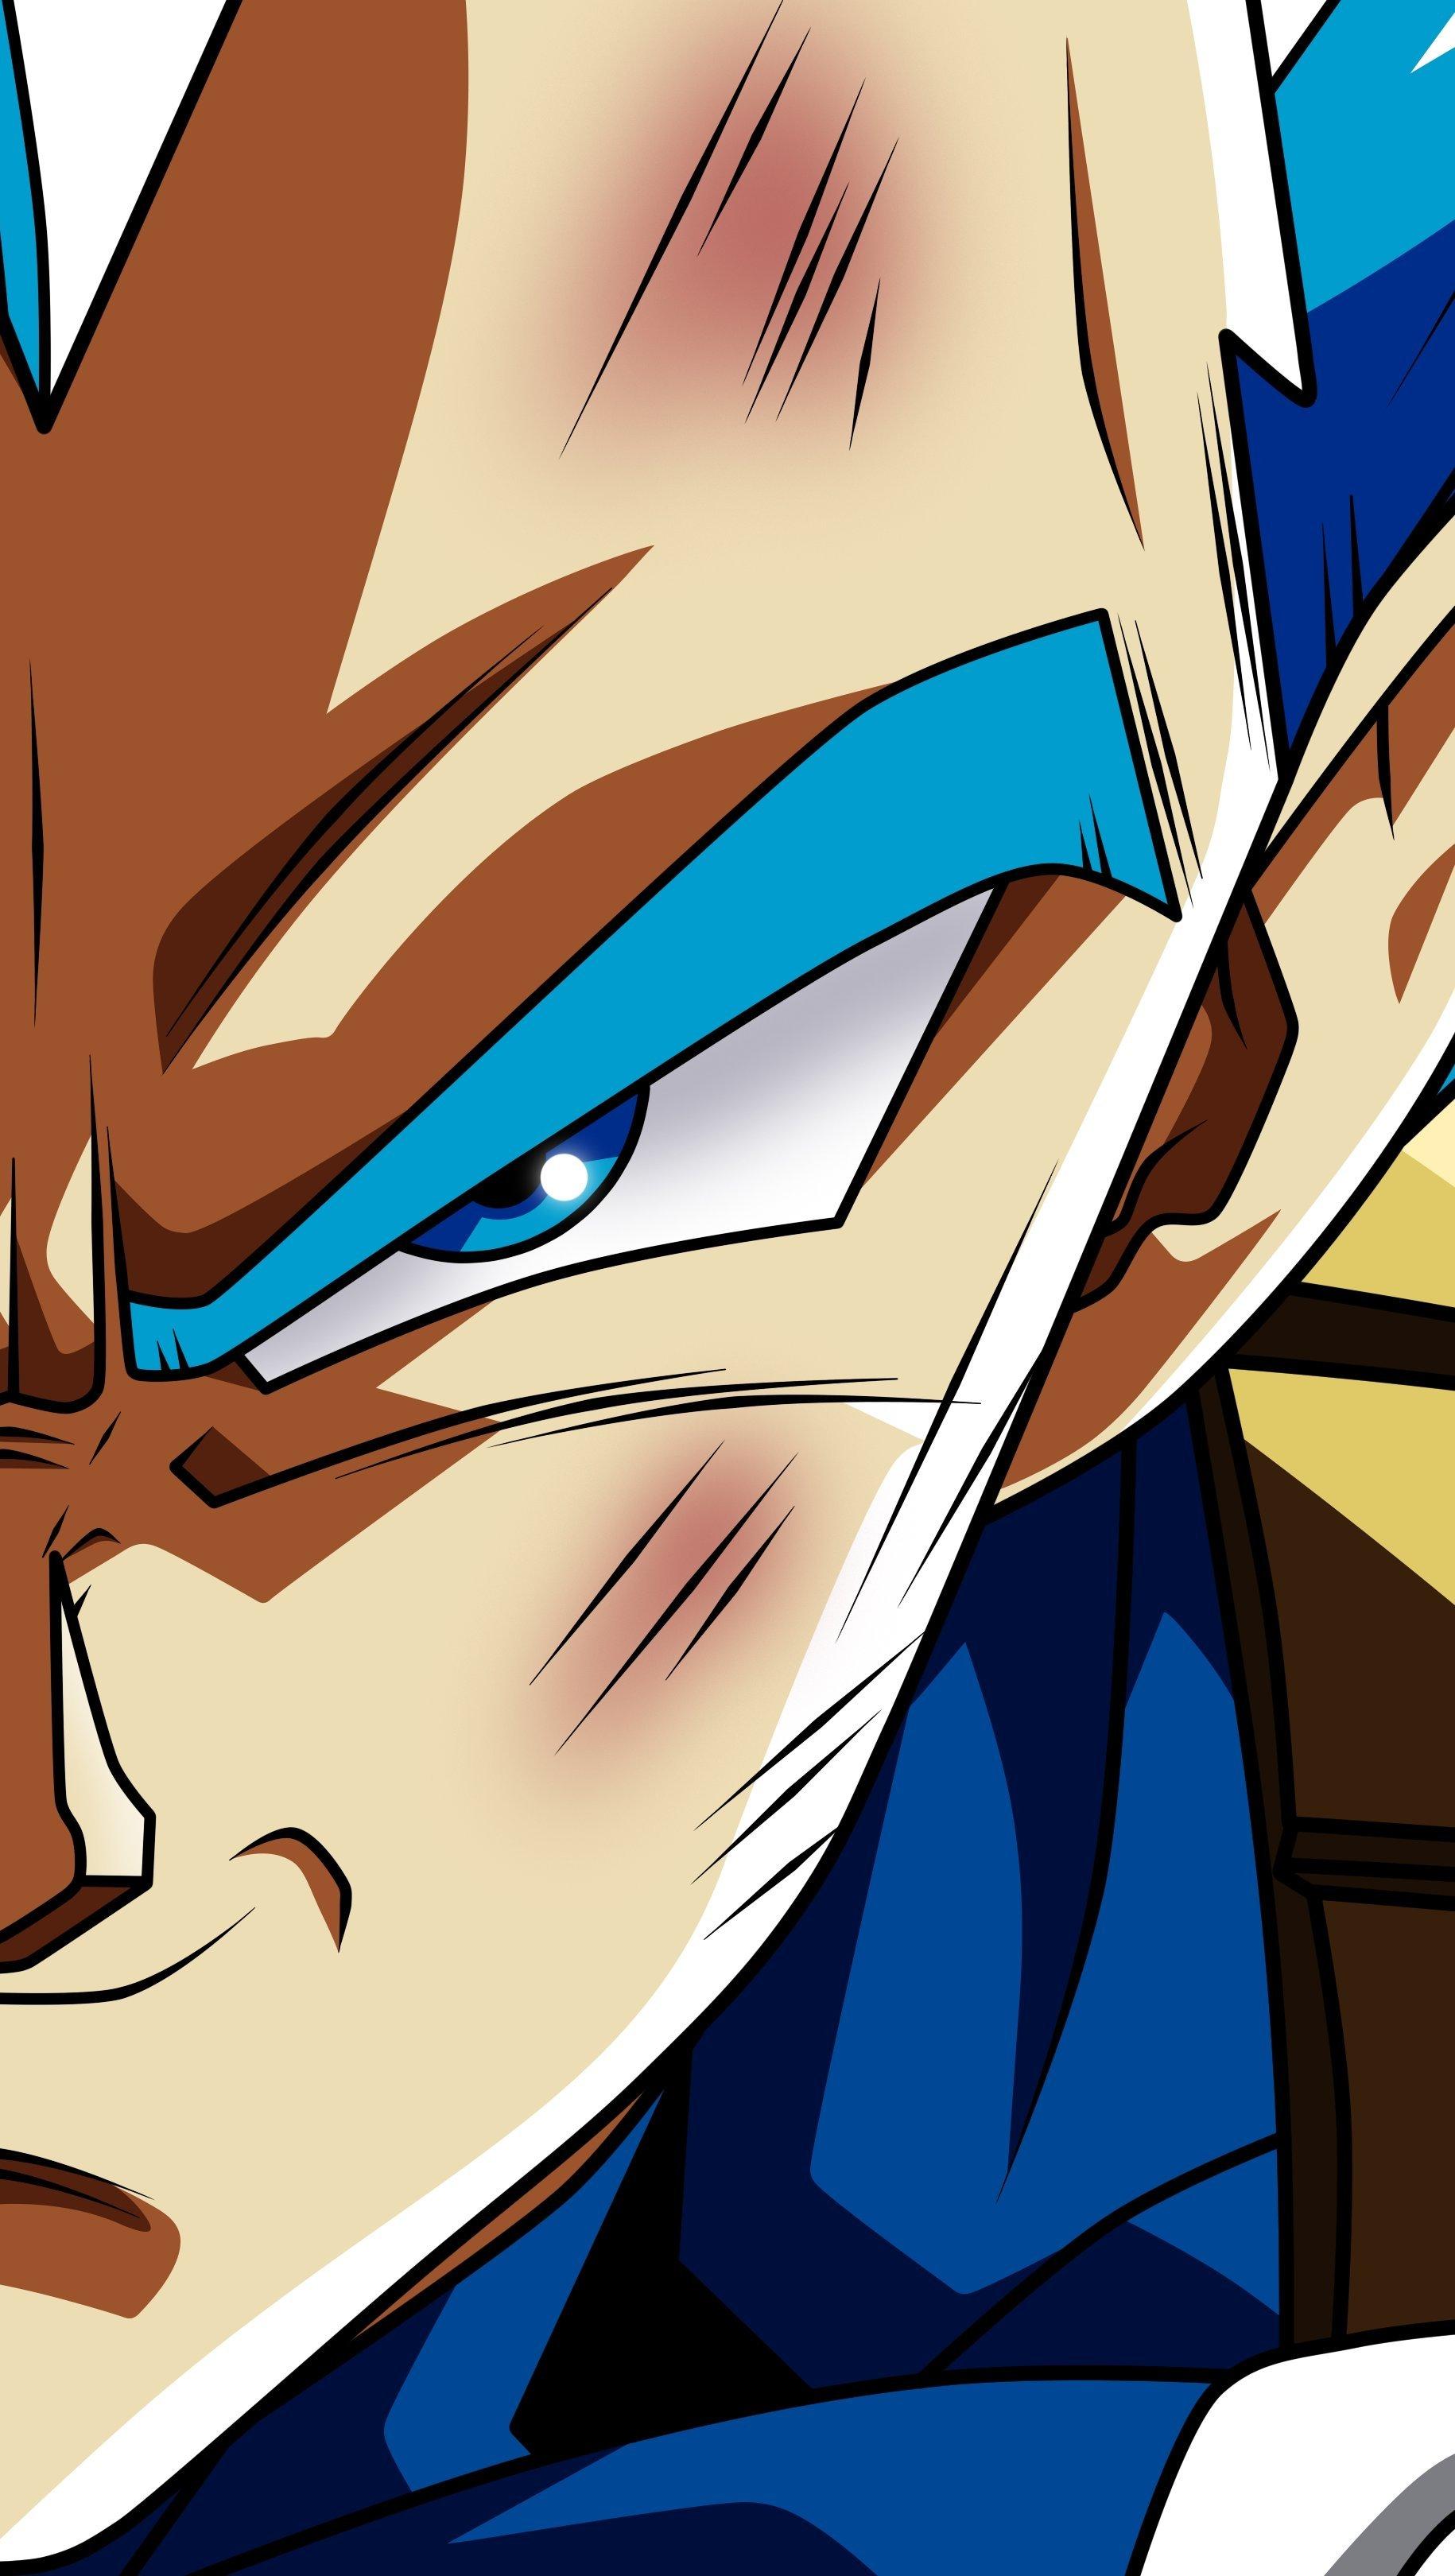 Anime Wallpaper Vegeta from Dragon Ball Super Vertical